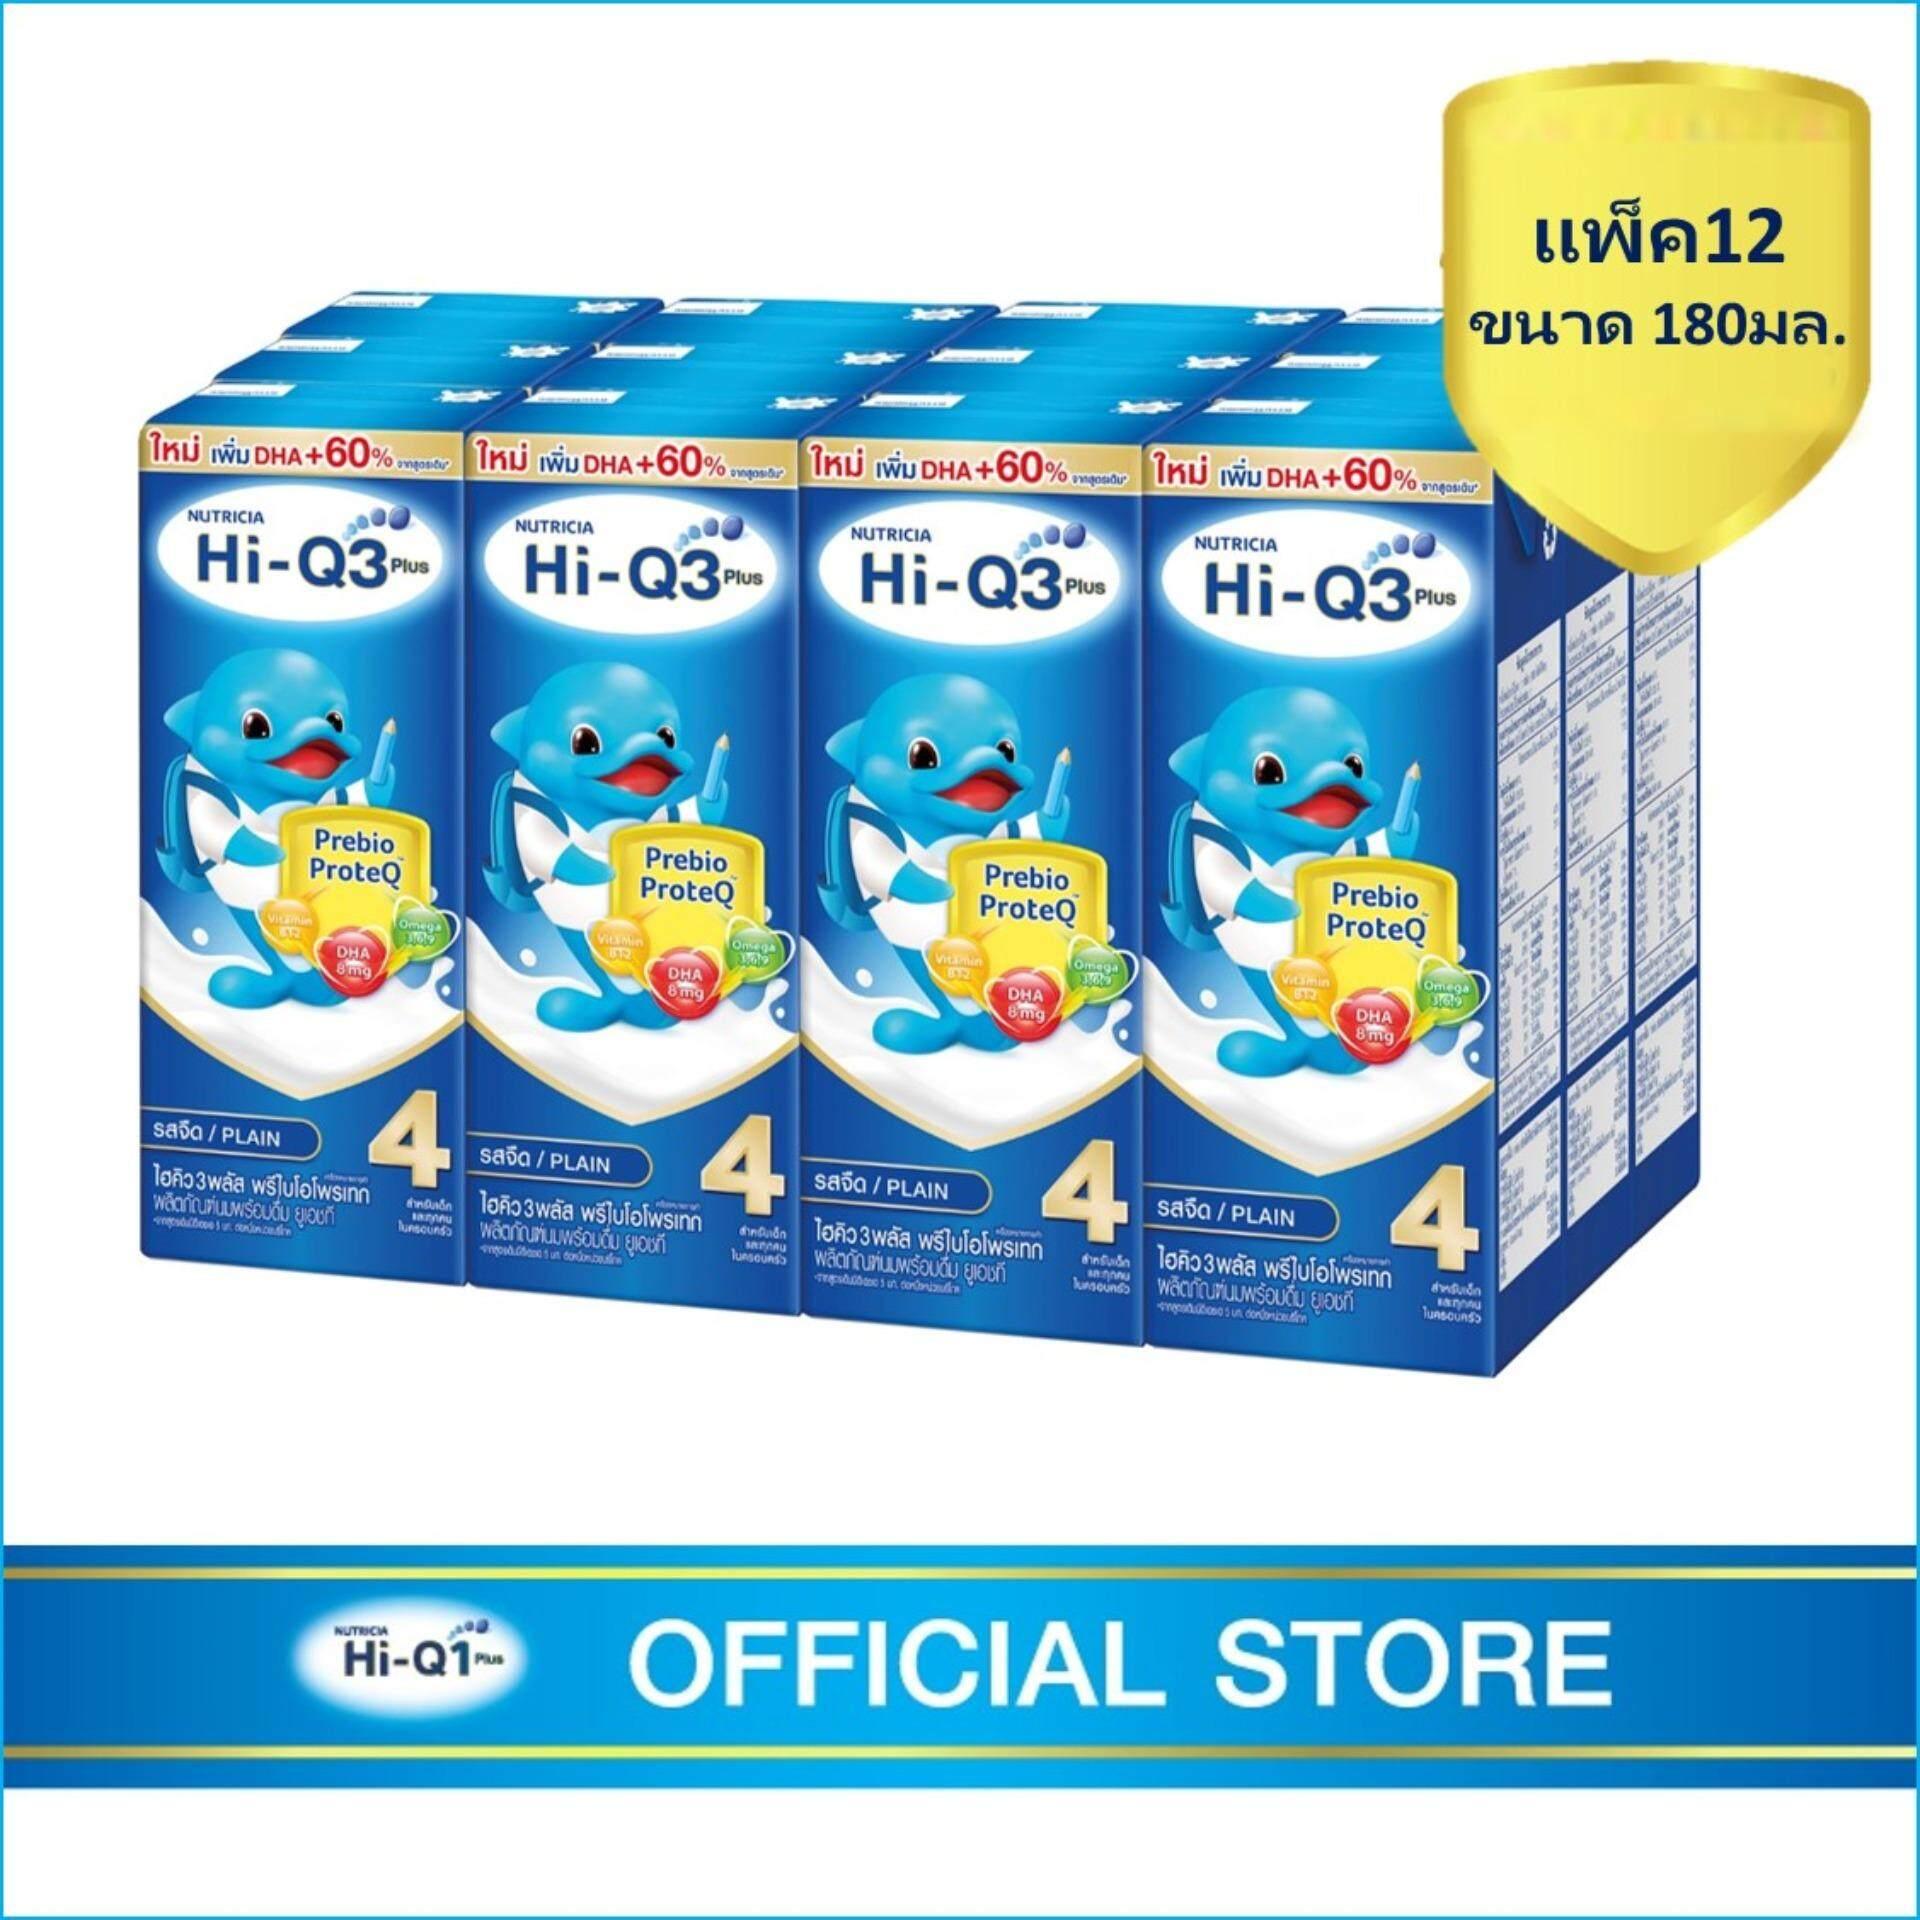 นม Hi-Q Uht ไฮคิว 3 พลัส ยูเอชที รสจืด 180 มล. (12 กล่อง) (ช่วงวัยที่ 4) By Lazada Retail Hiq.